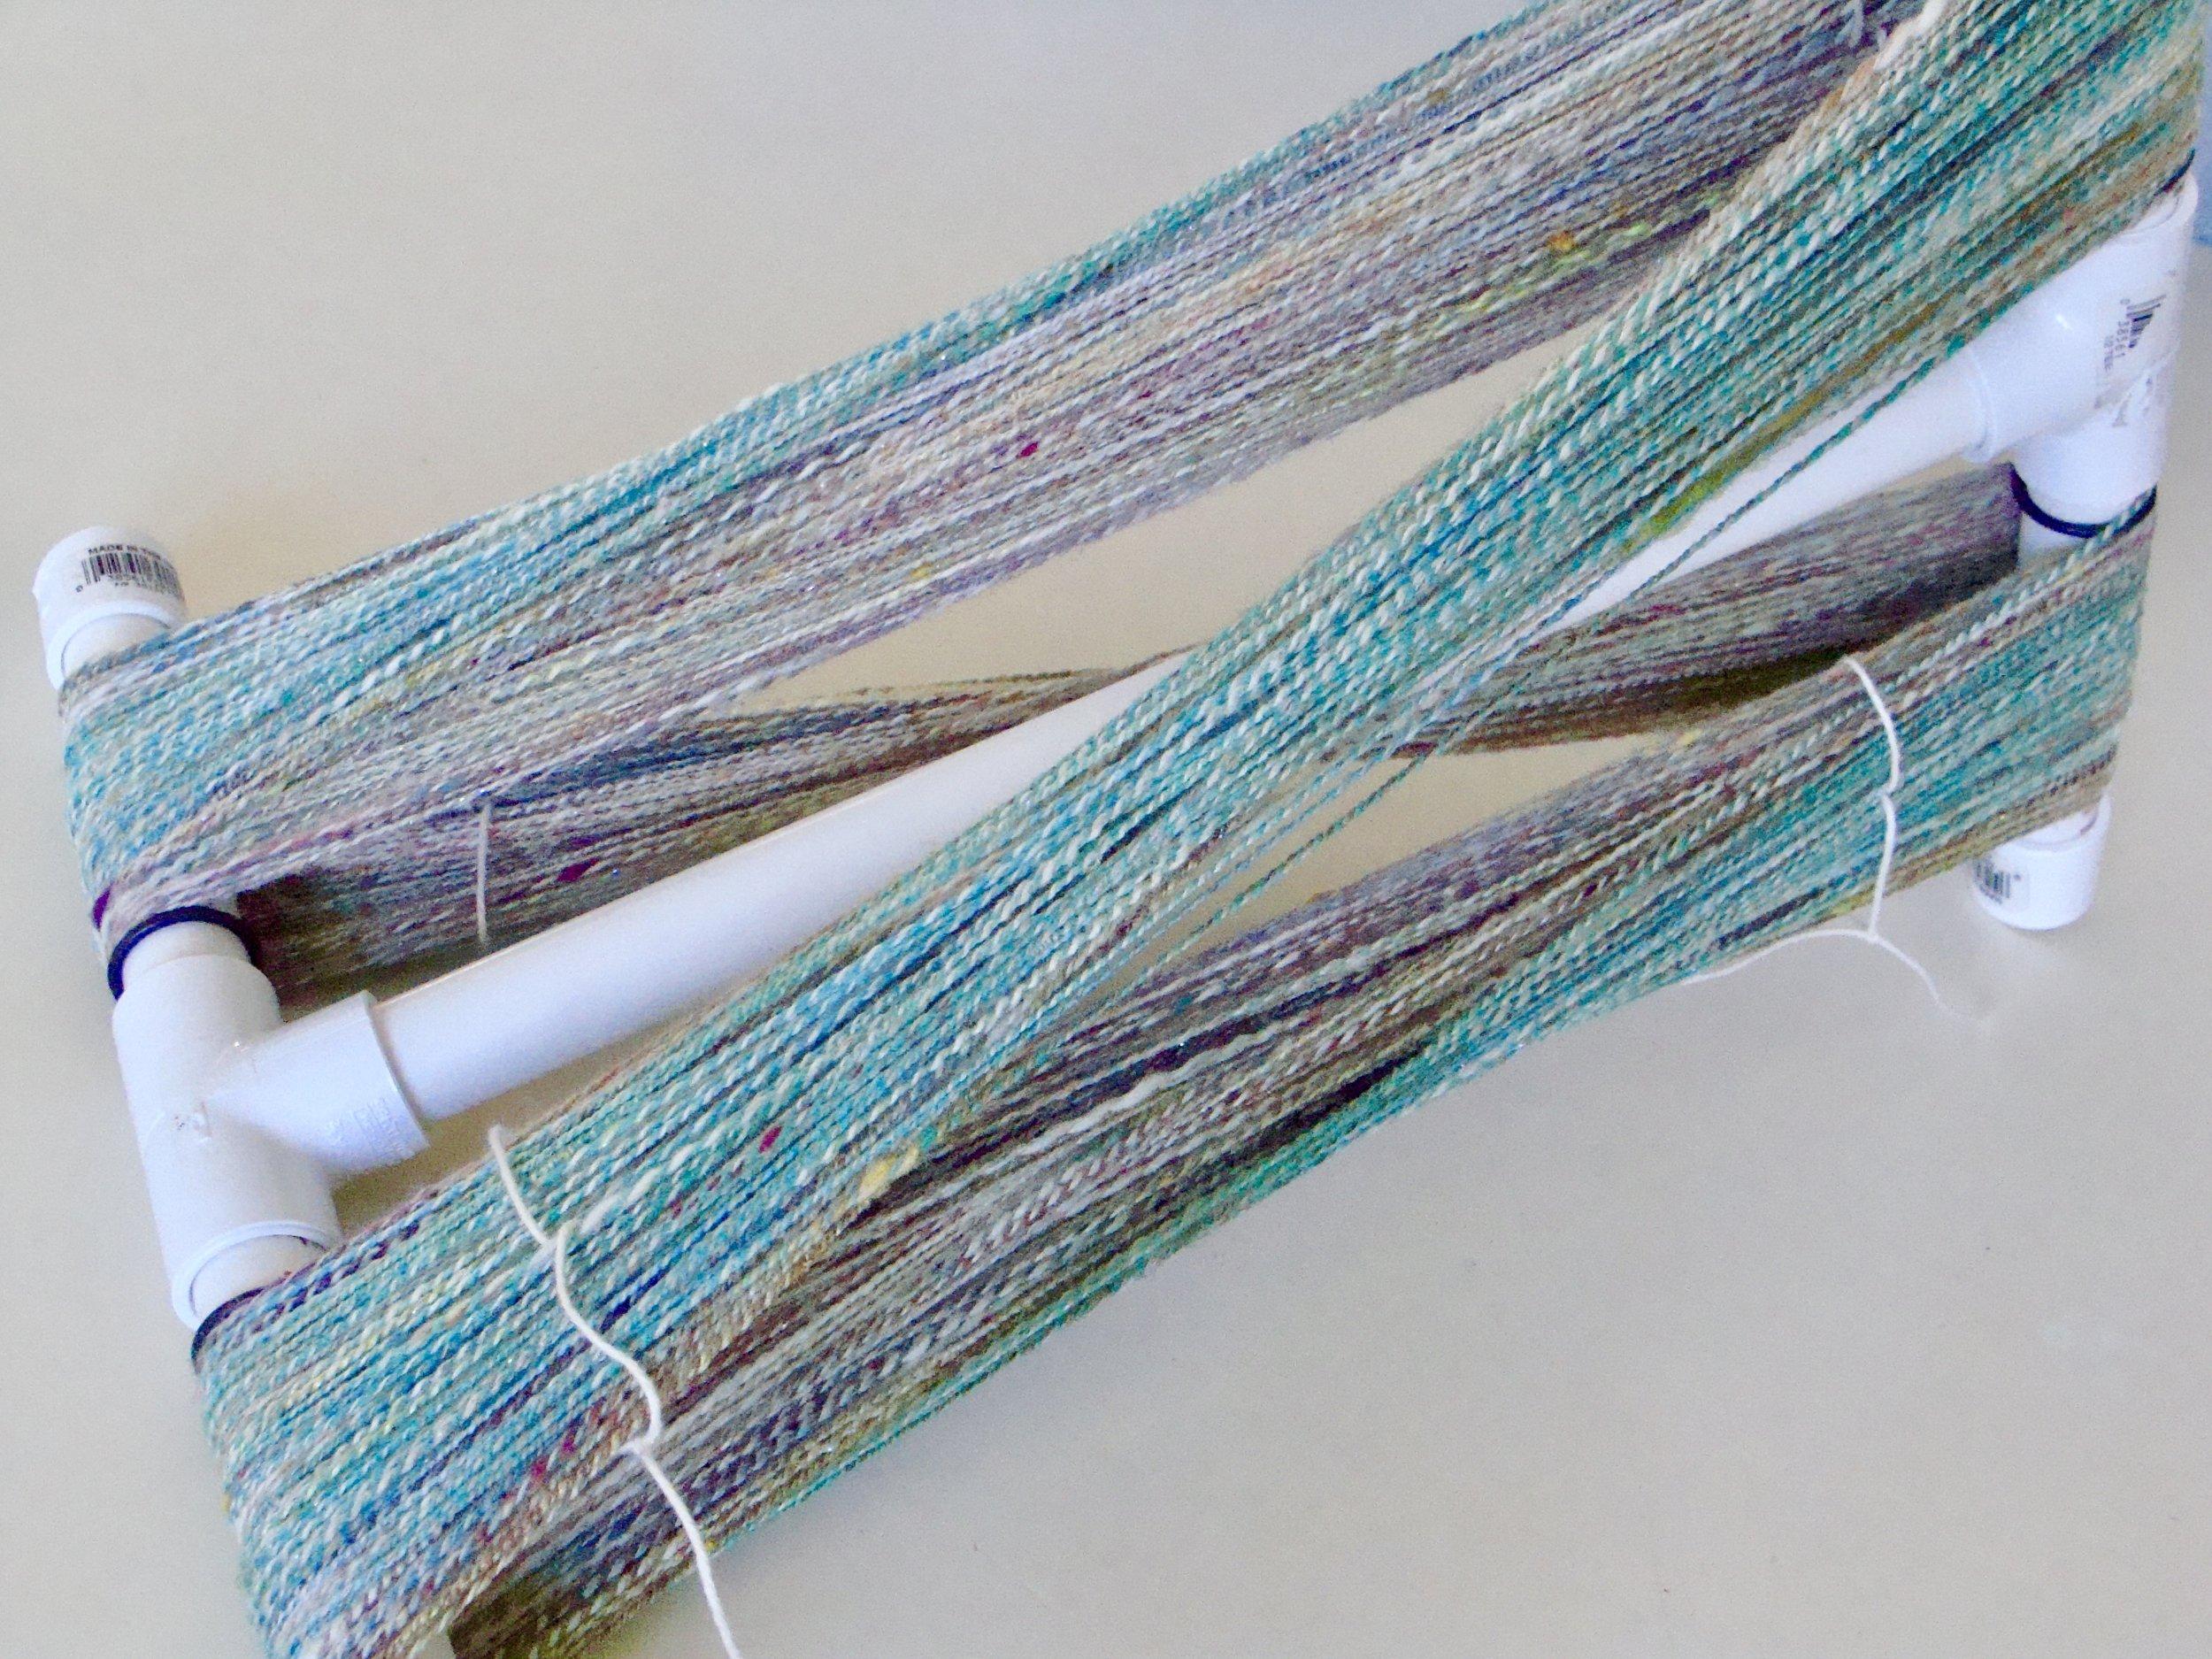 handspun yarn-2ply-niddy noddy-pvc pipe